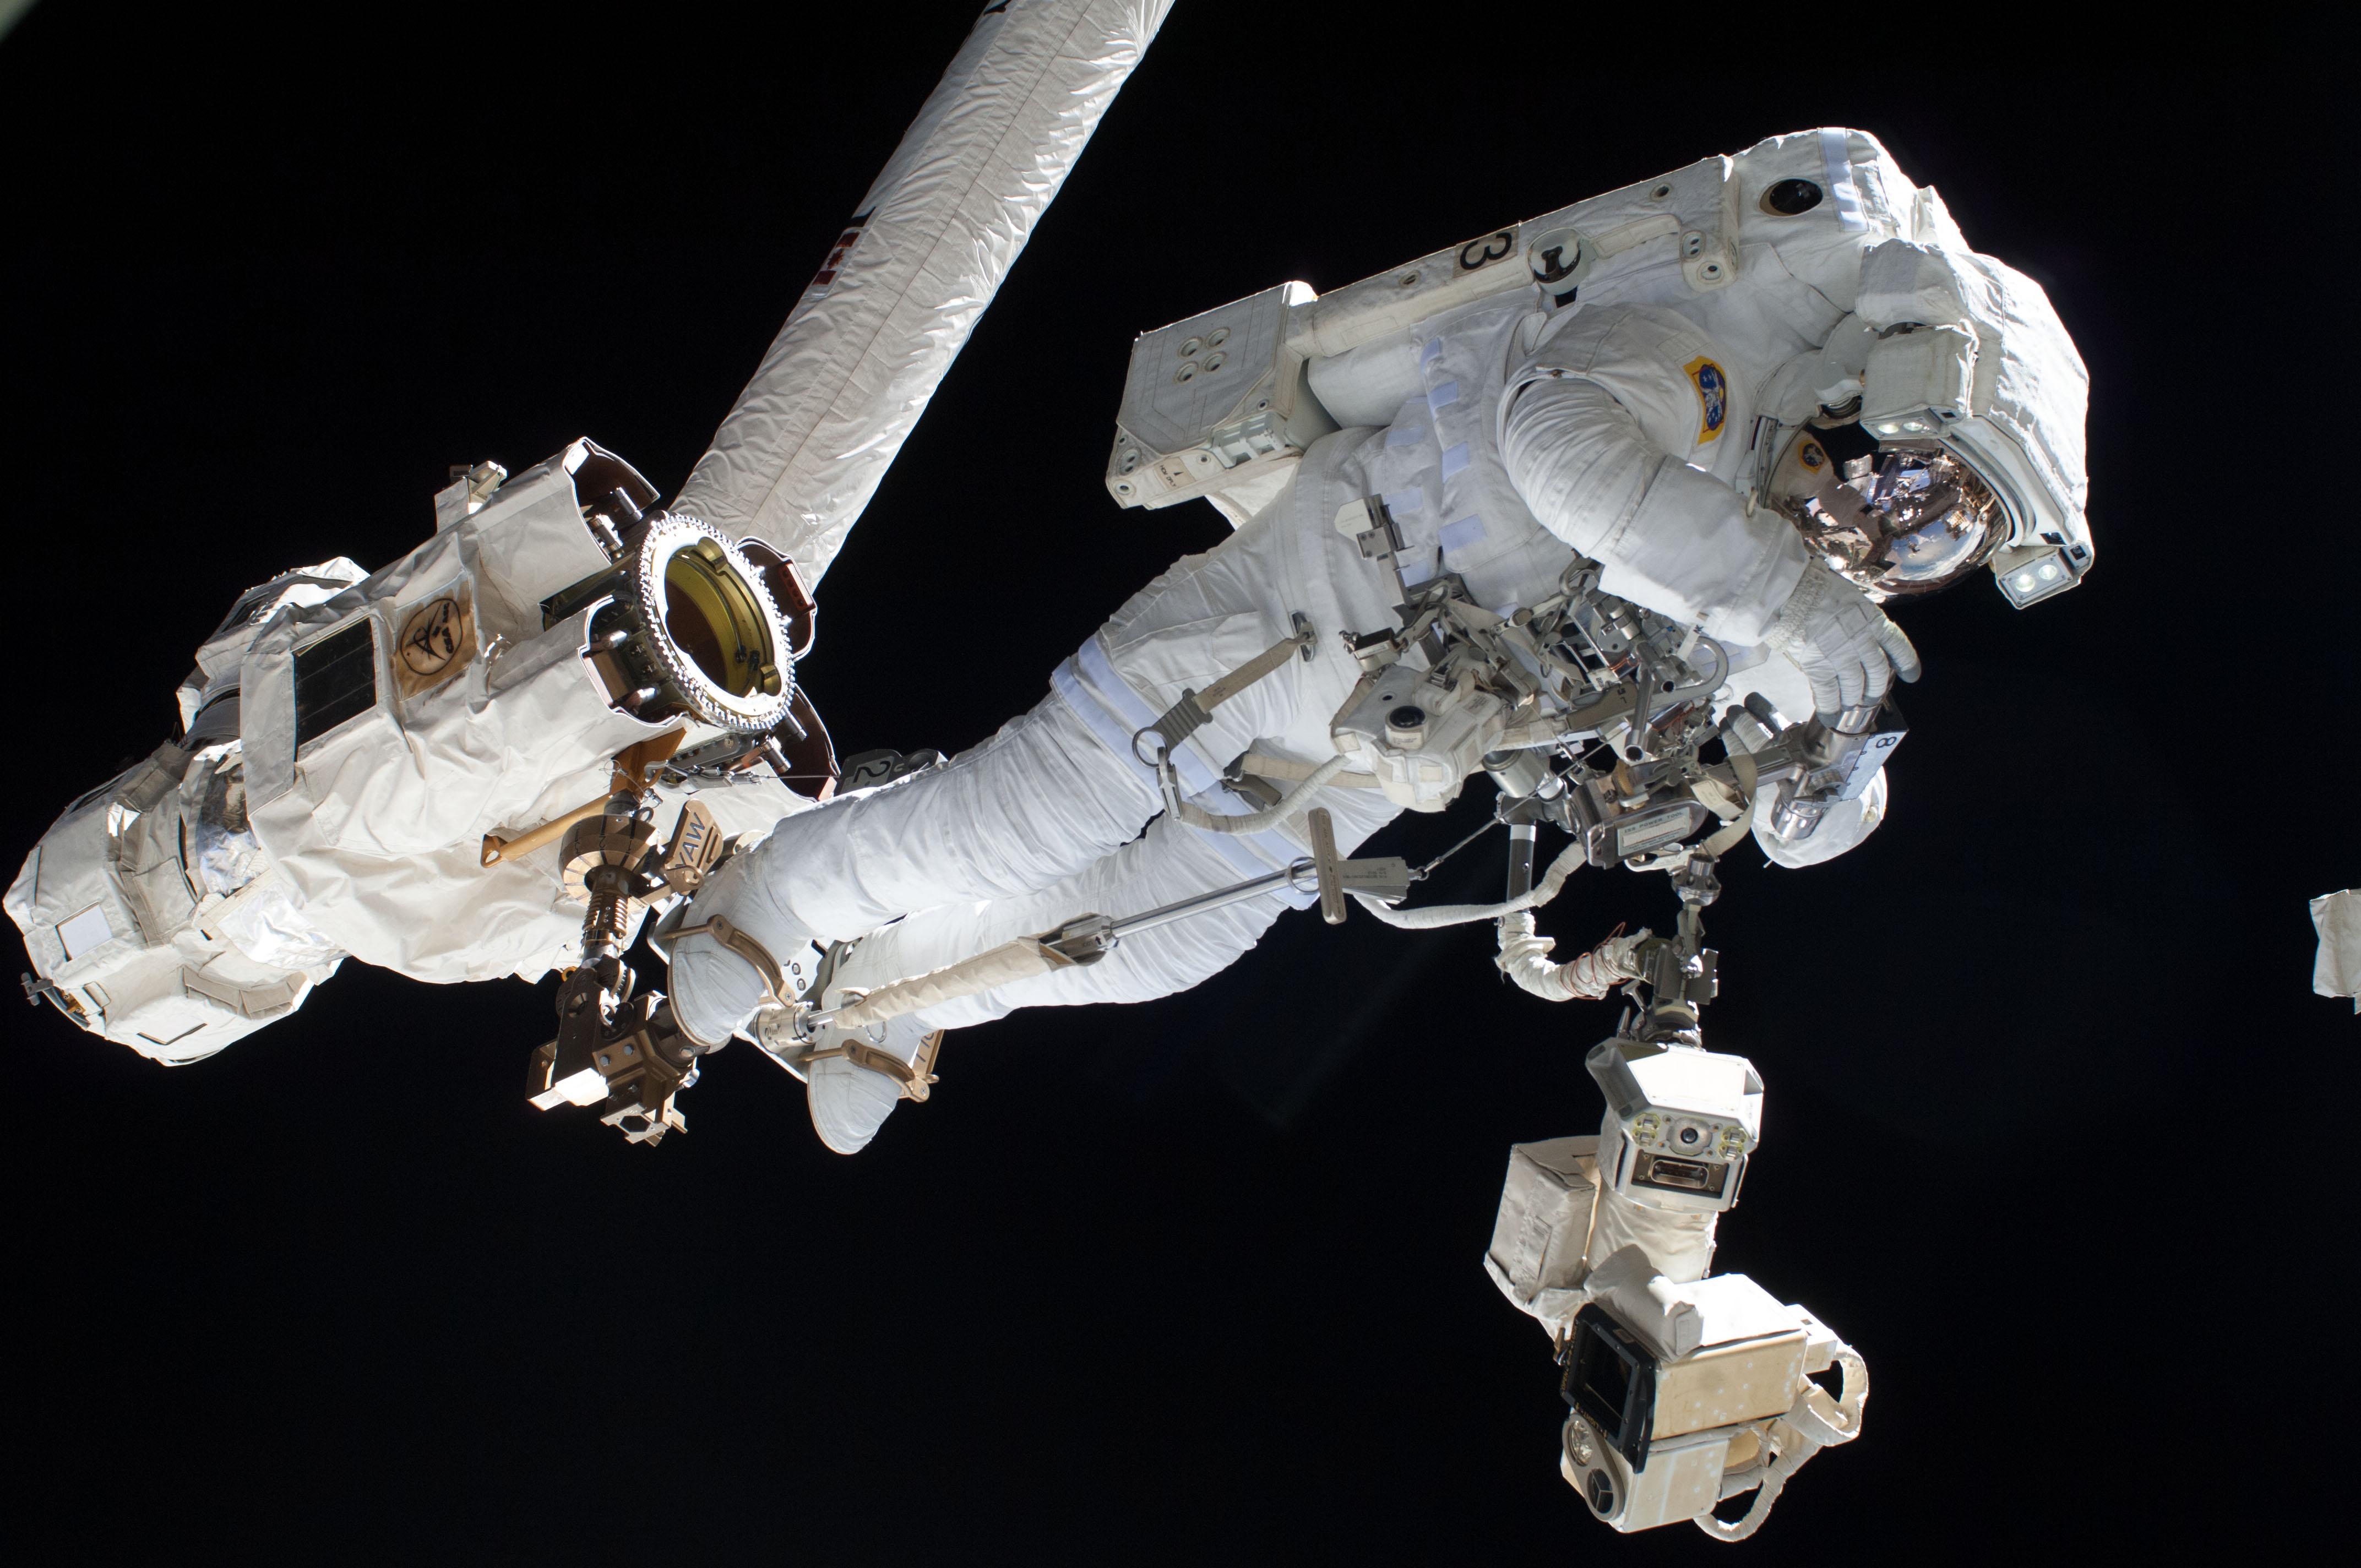 Luca sur le Canadarm (Crédits : NASA)